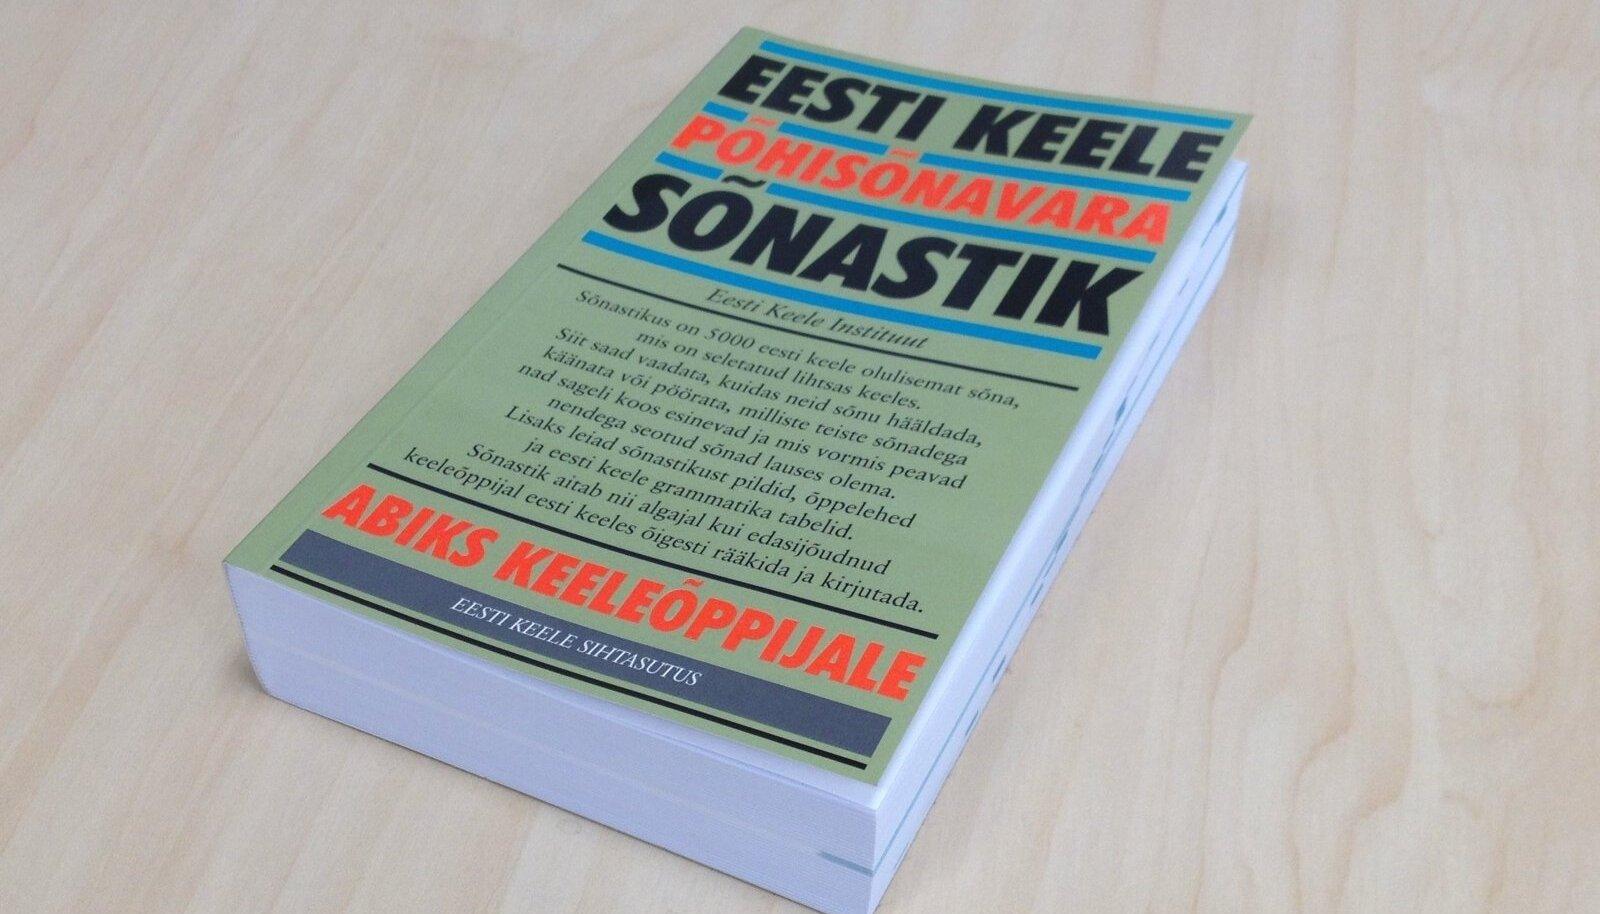 Eesti keele põhisõnavara sõnastik